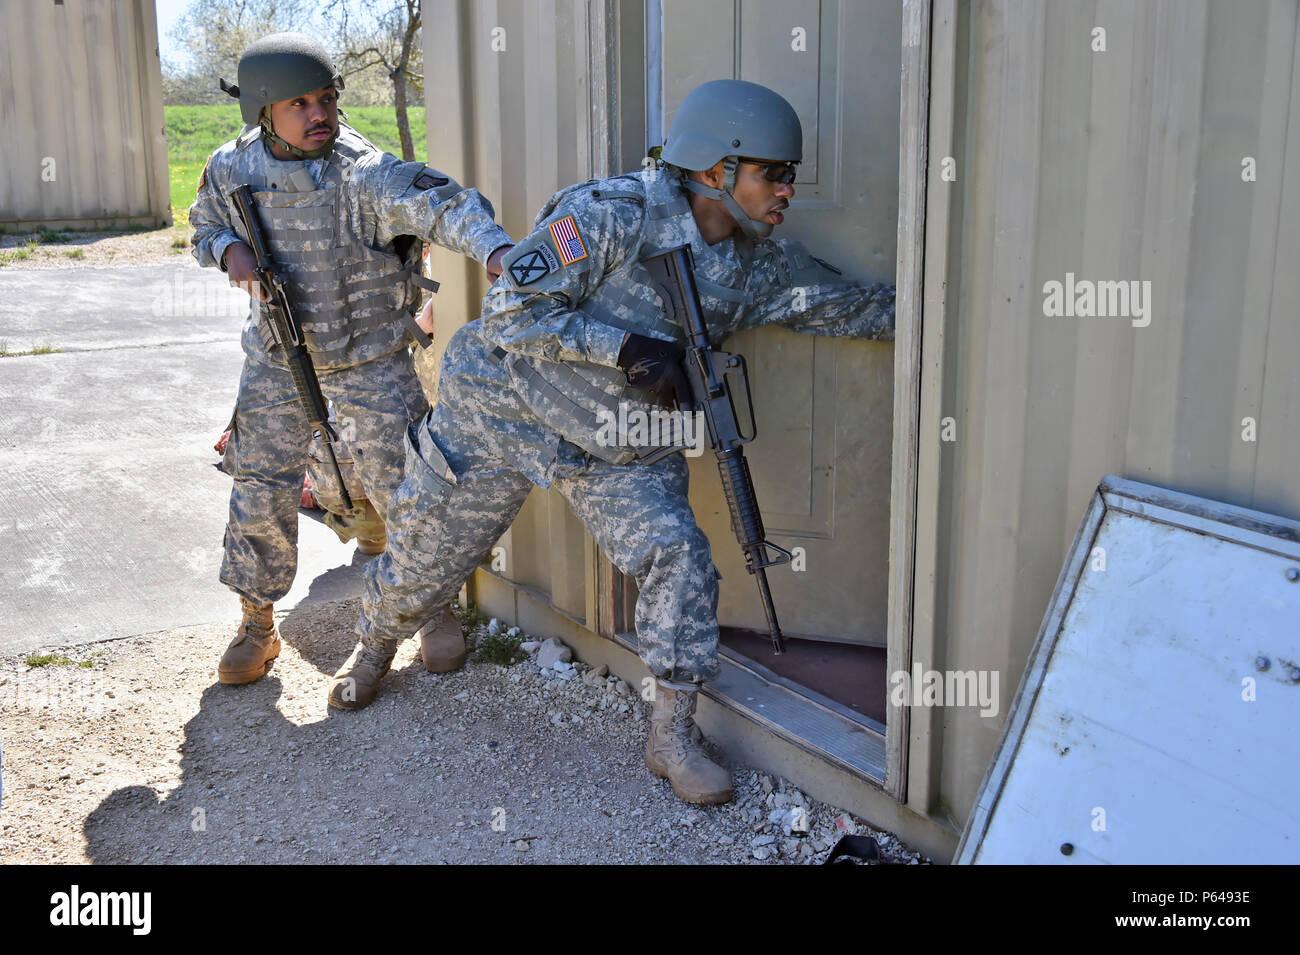 Army Simulation Training Stockfotos & Army Simulation Training ...